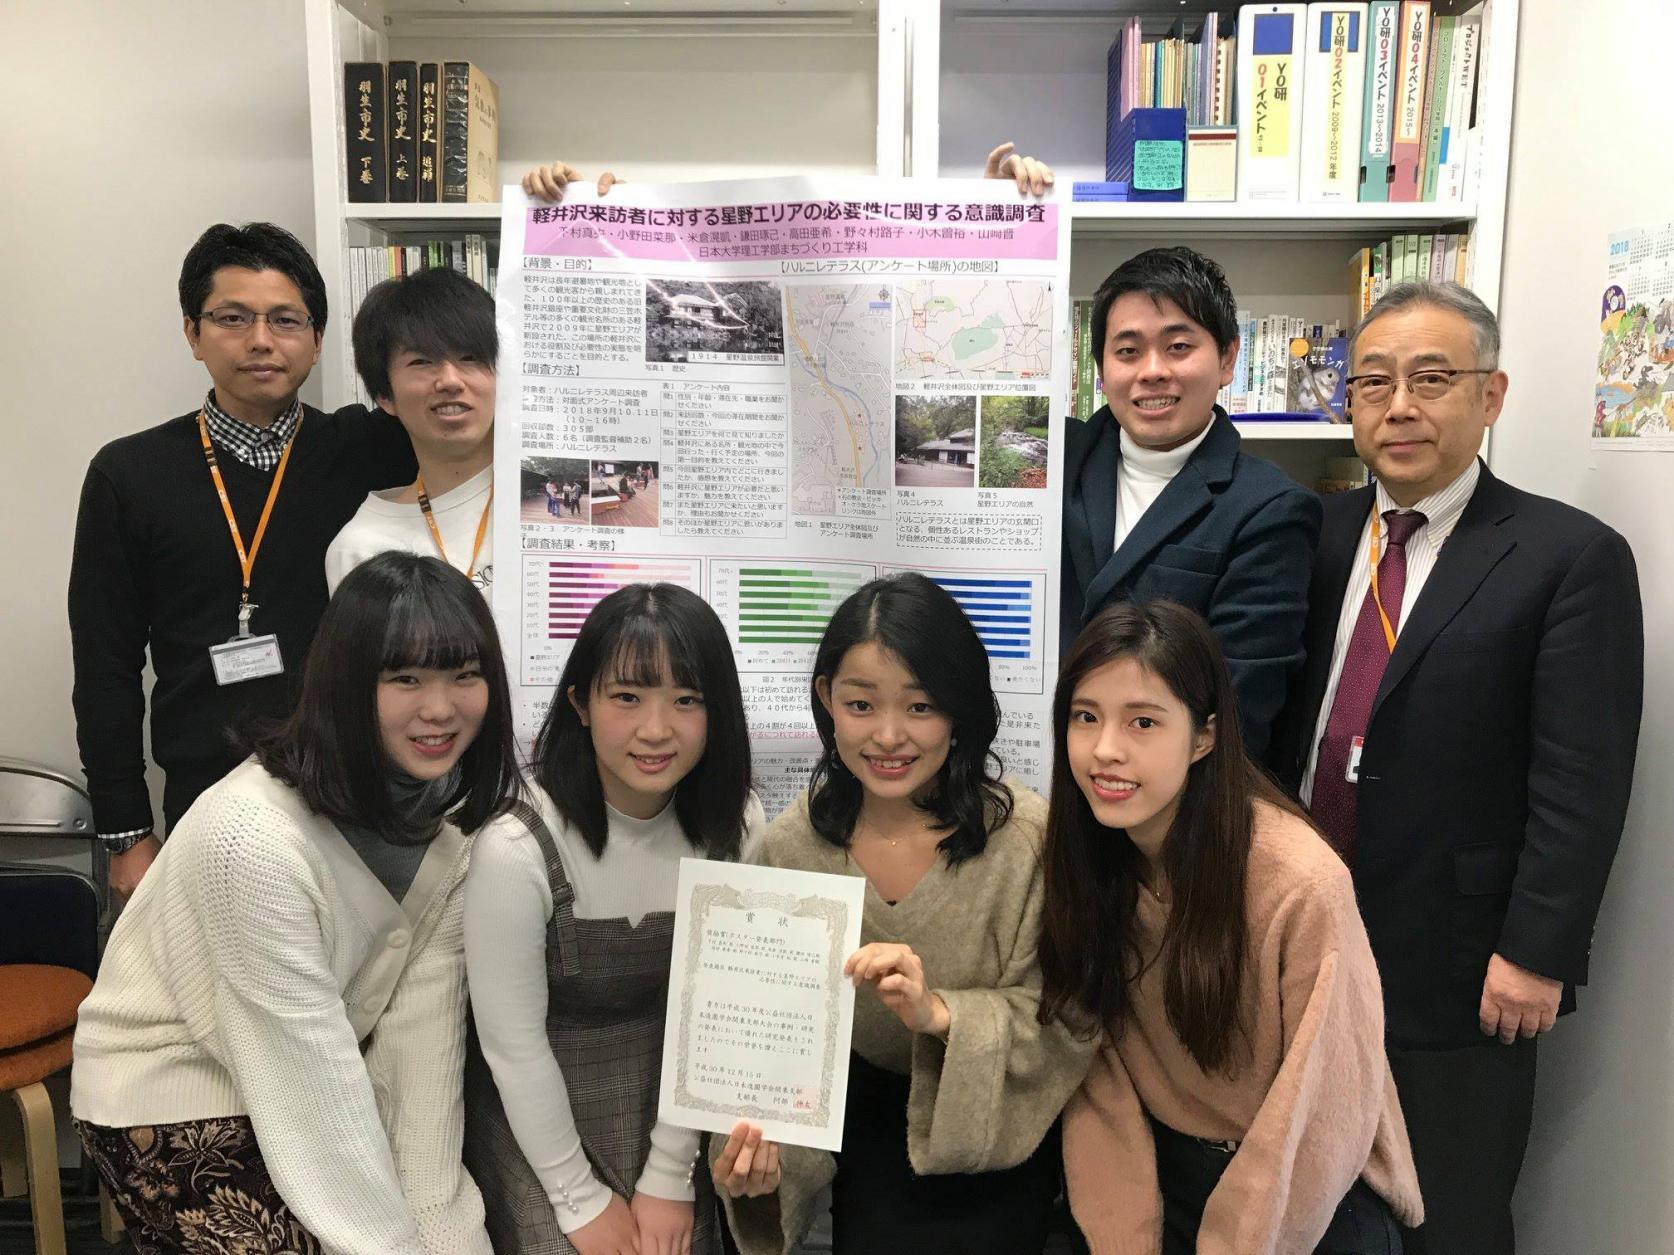 まちづくり工学科の小木曽・山﨑研究室の学生達が「平成30年度日本造園学会関東支部大会」において、優秀研究発表賞及び奨励賞を受賞しました。